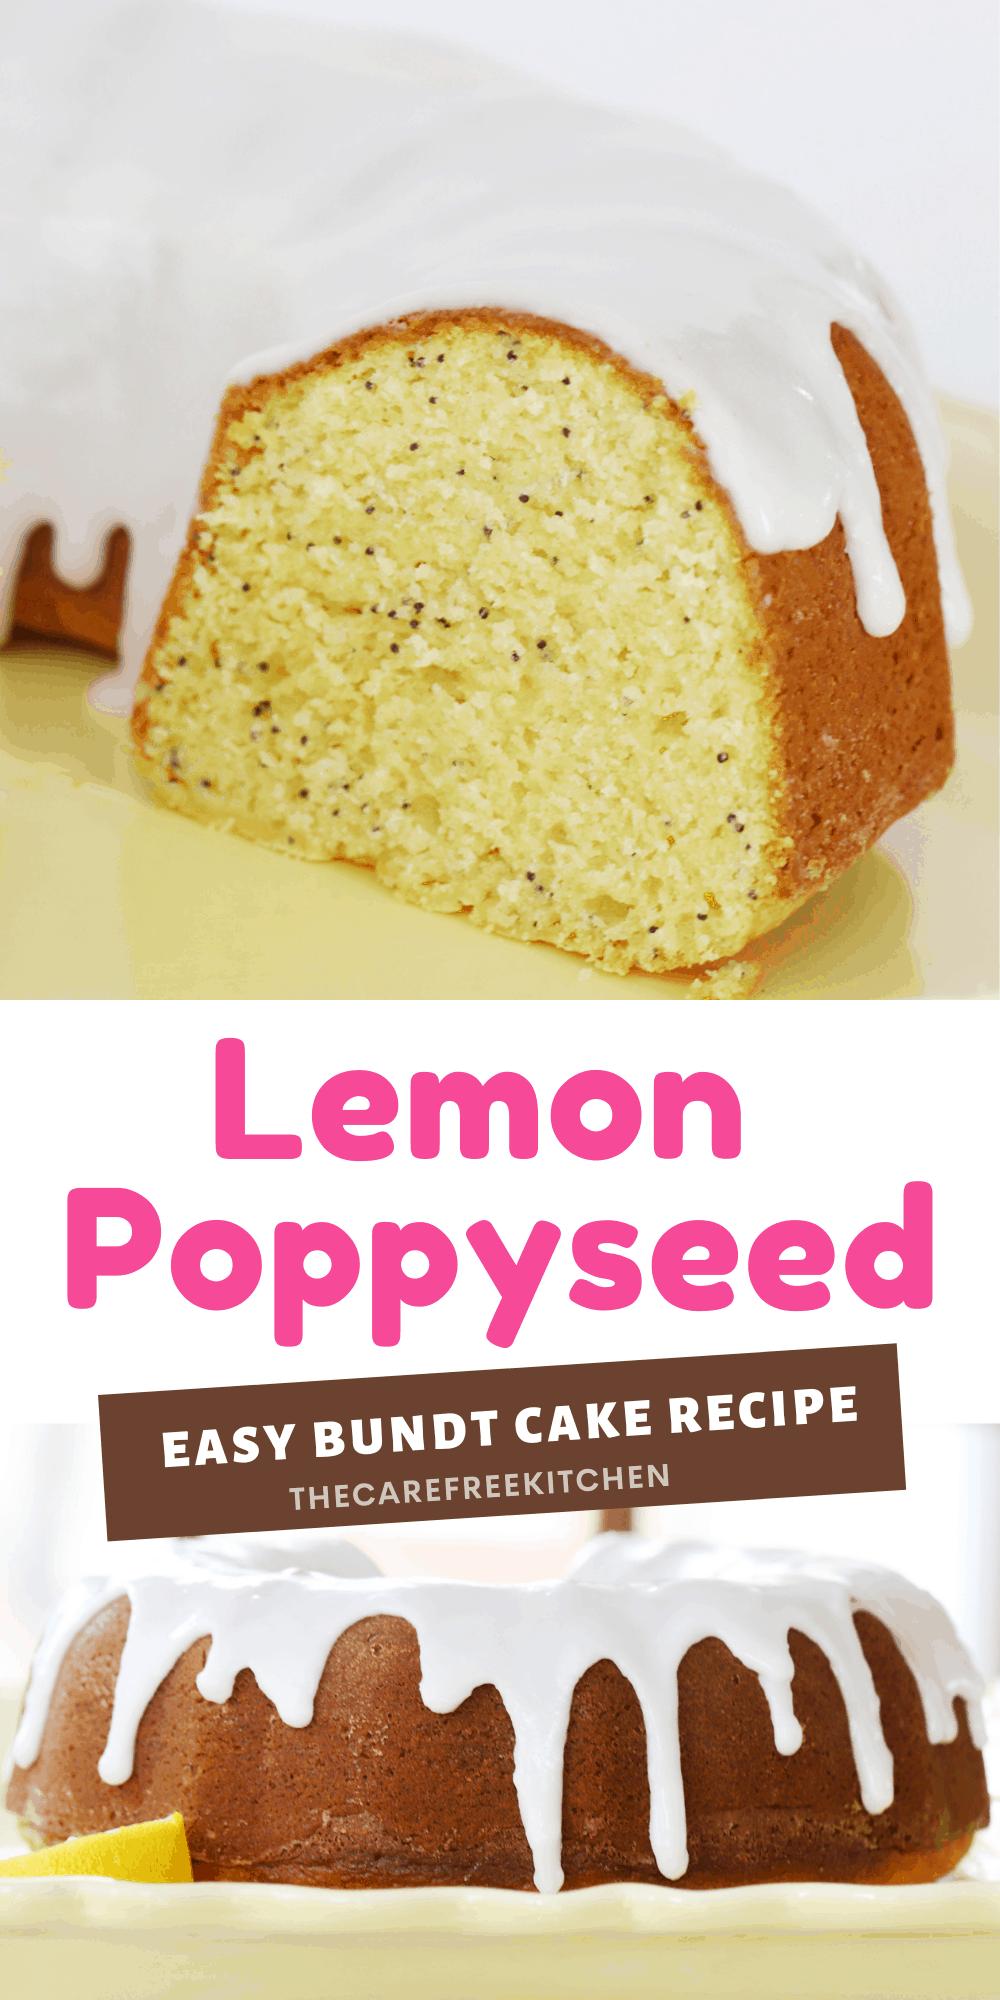 Pinterest pin of lemon poppyseed bundt cake